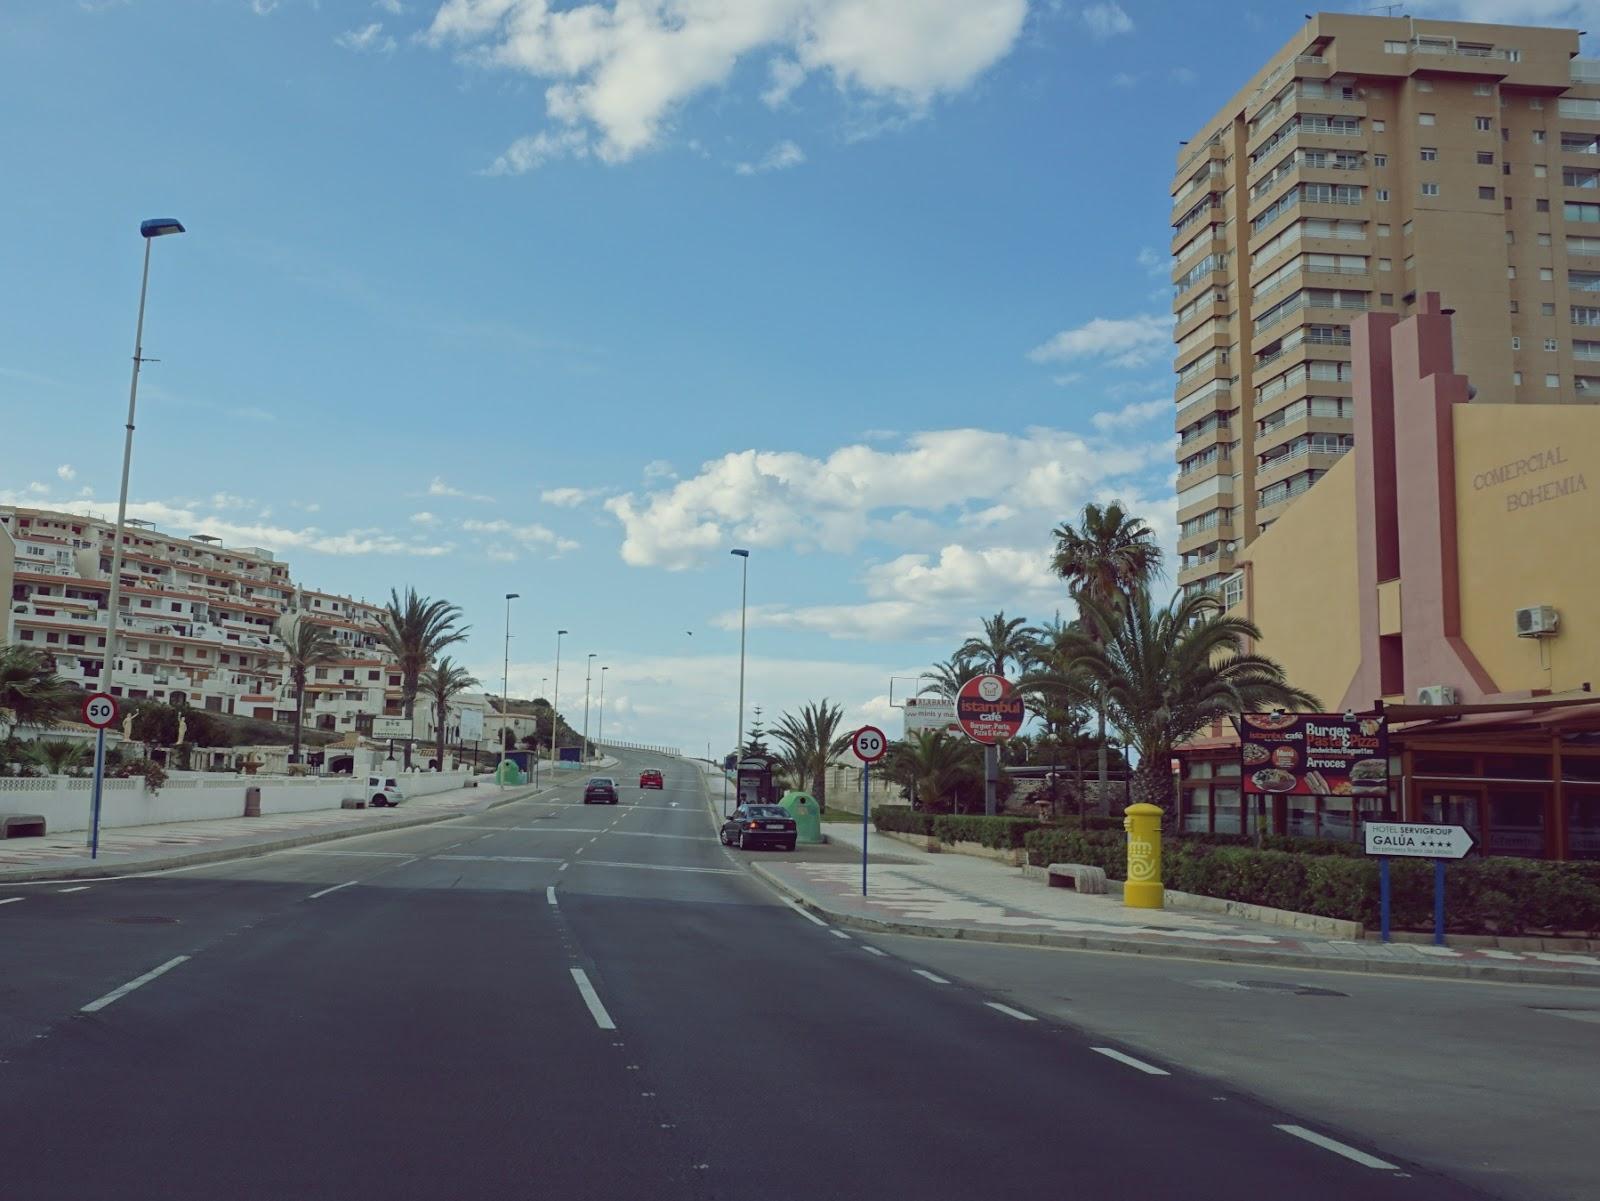 ulice, miasto, Pani Dorcia, panidorcia blog, blog o Islandii, blog o Hiszpanii, wakacje w Hiszpanii, urlop w Hiszpanii, La Manga, morze, plaża, La Mar Menor